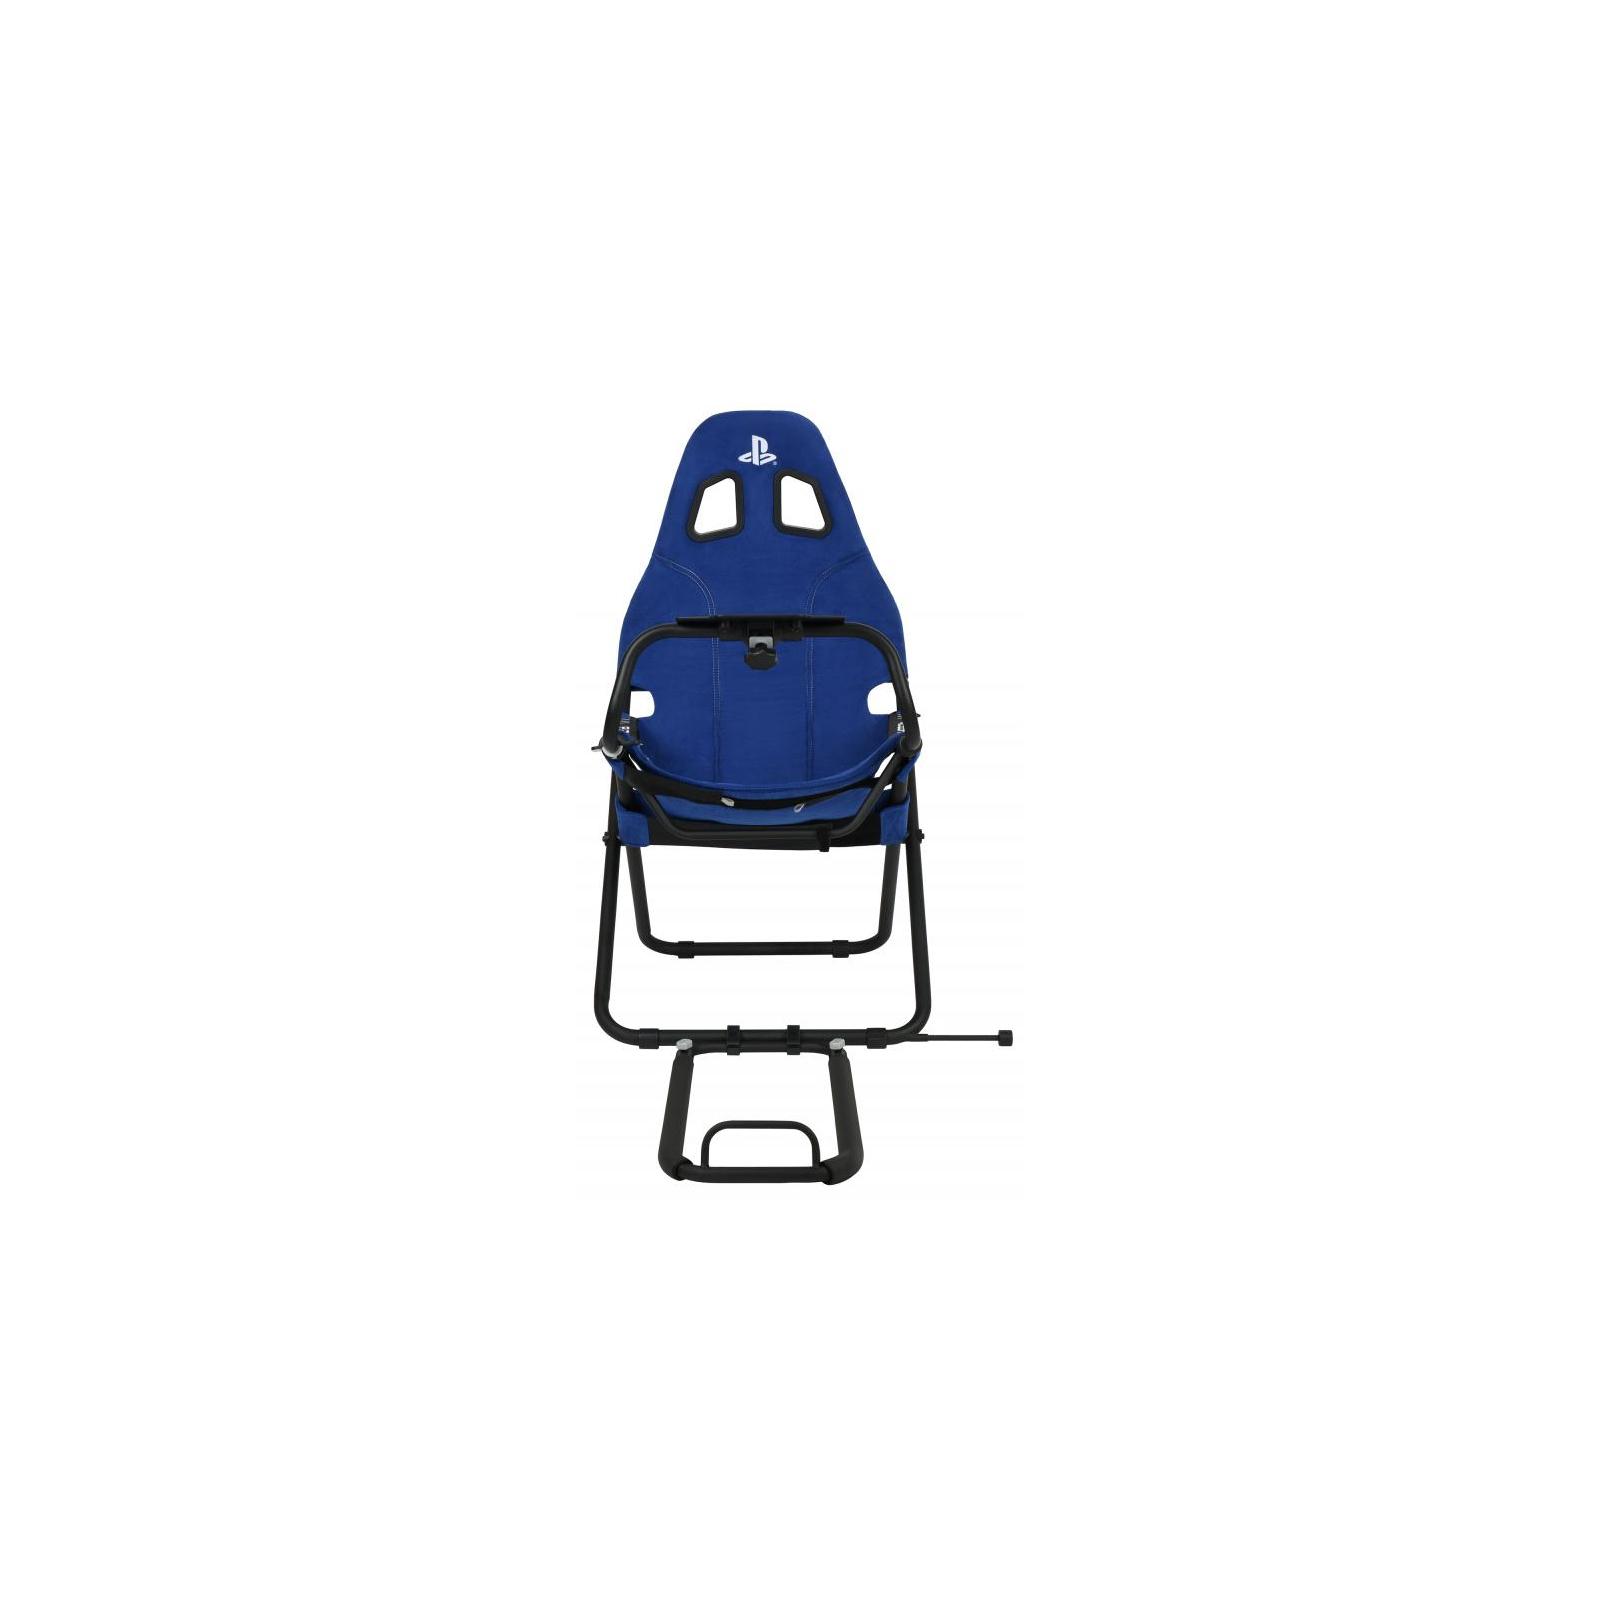 Кресло игровое SONY Playseat Challenge Playstation (RCP.00162) изображение 3